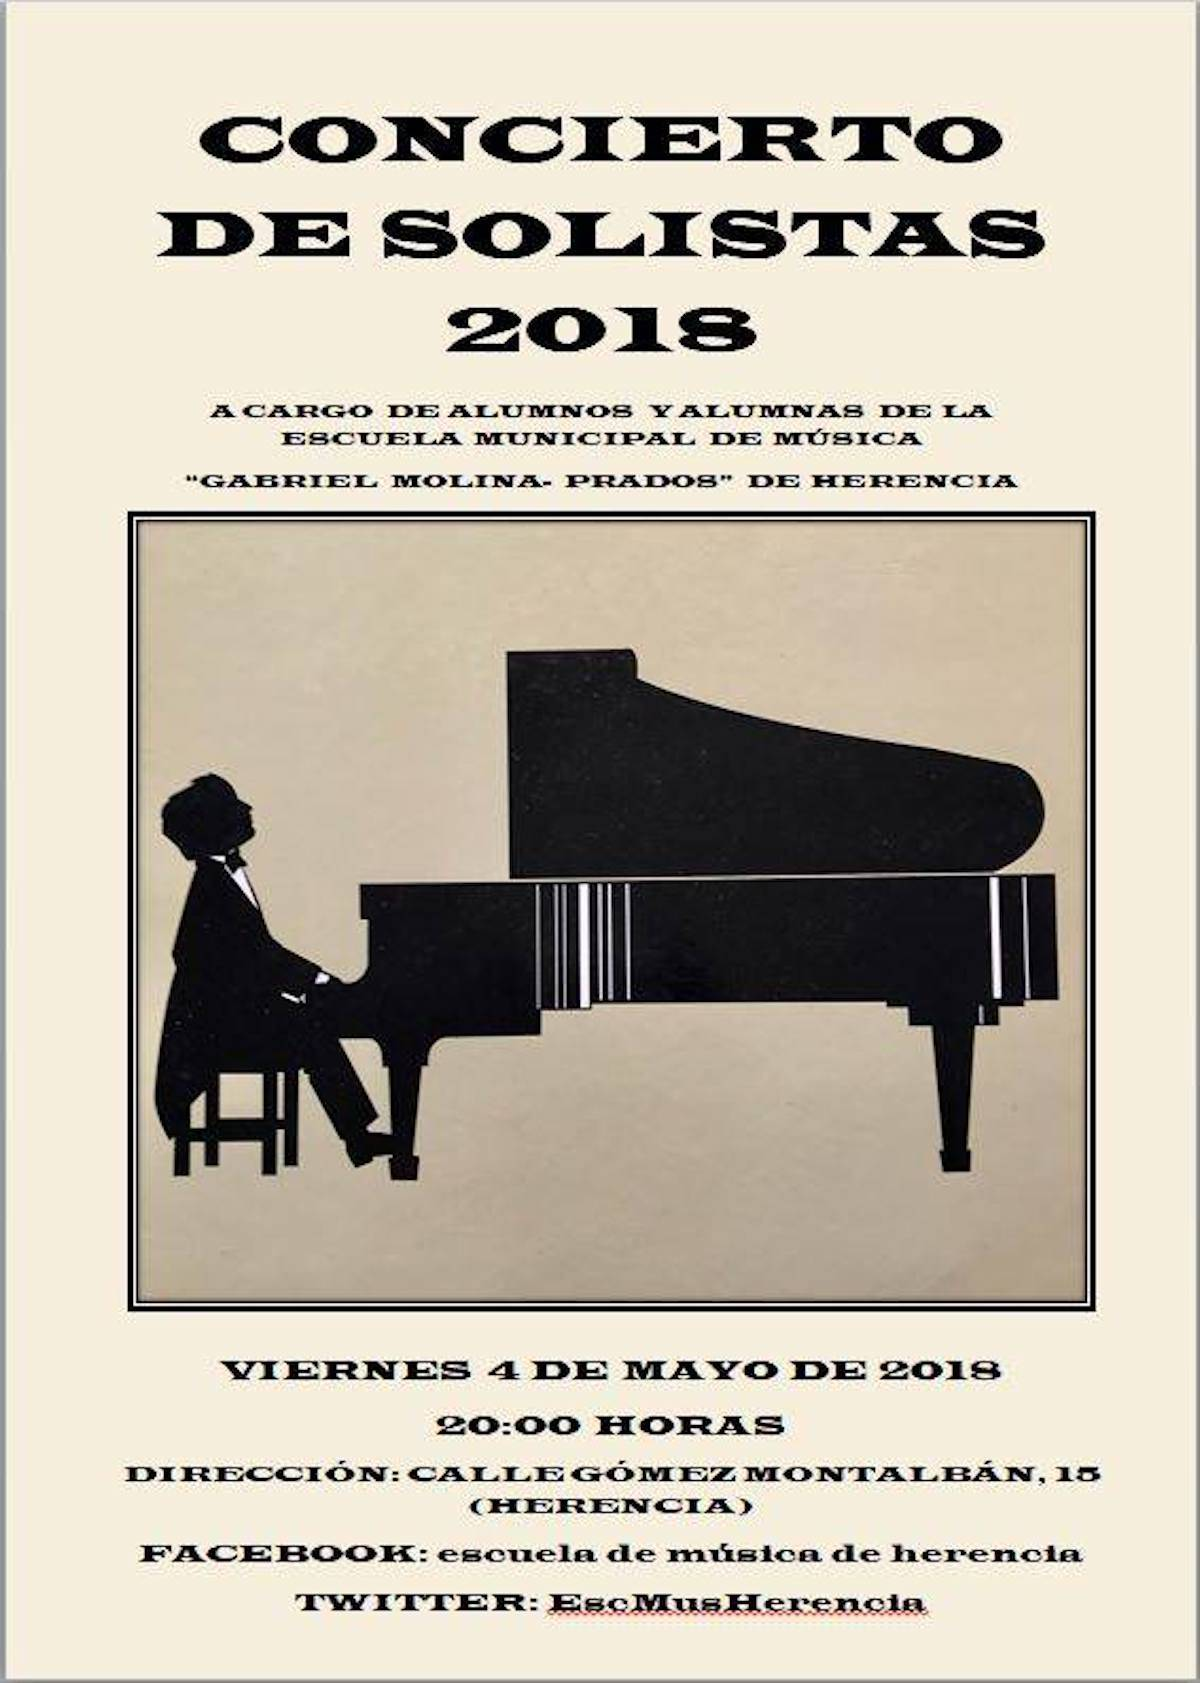 concierto solistas herencia - Concierto de Solistas 2018 en la Escuela Municipal de Música